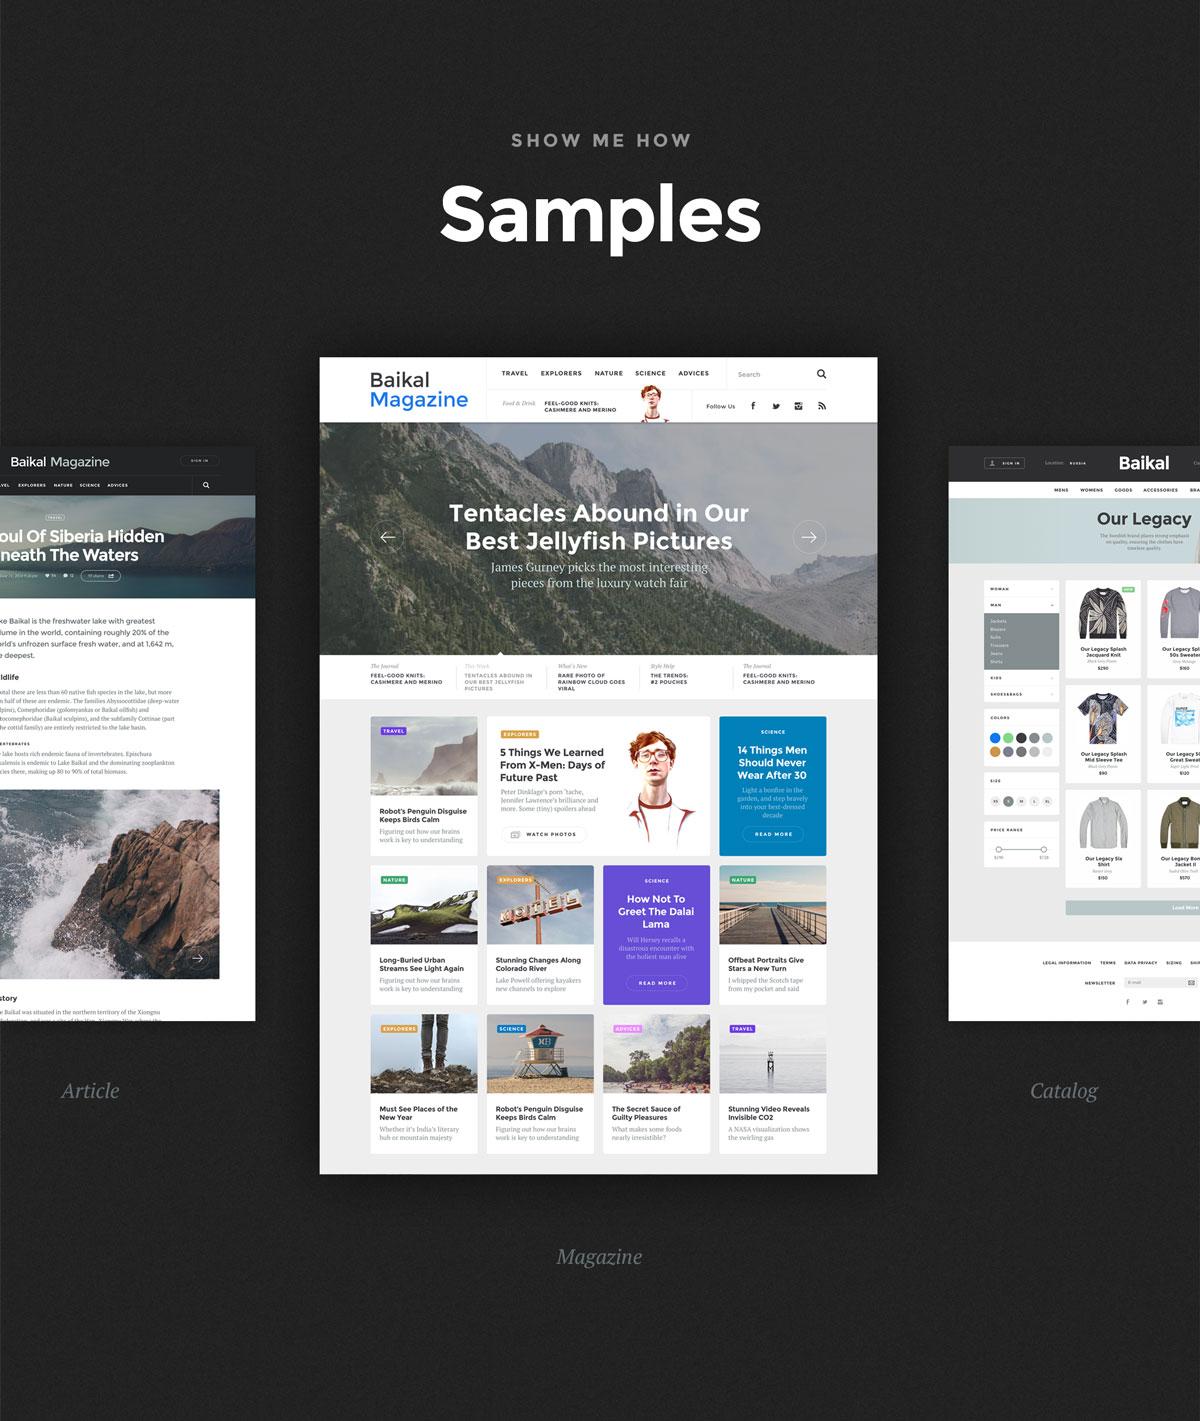 多功能社交商城视频APP应用程序UI界面设计套件 Baikal UI Kit插图(10)